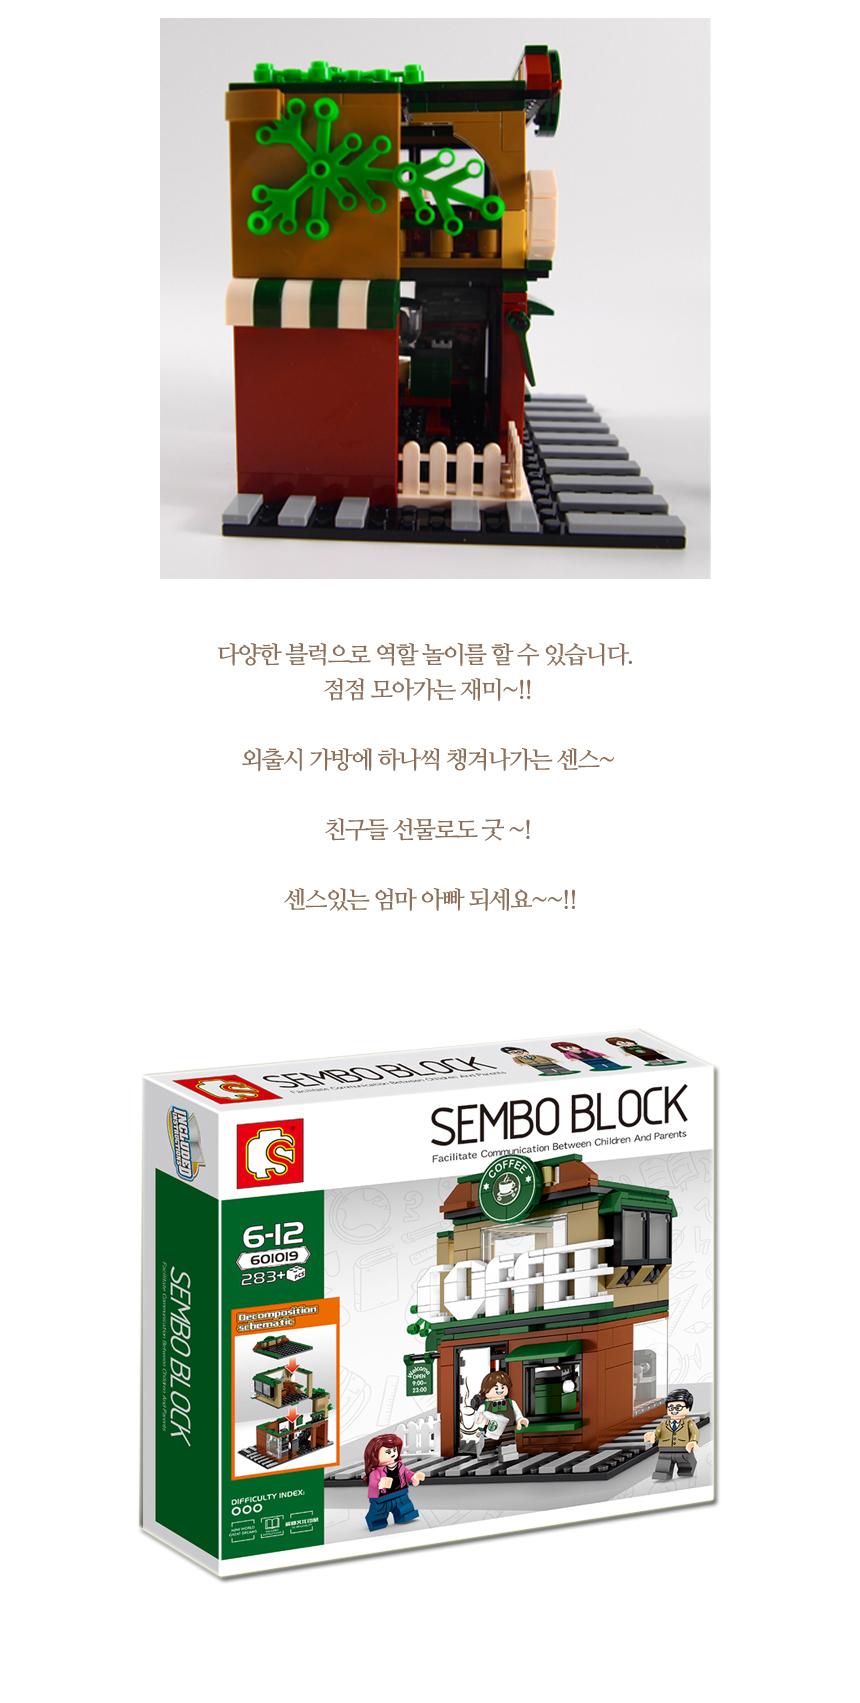 CafeBlock_03.jpg